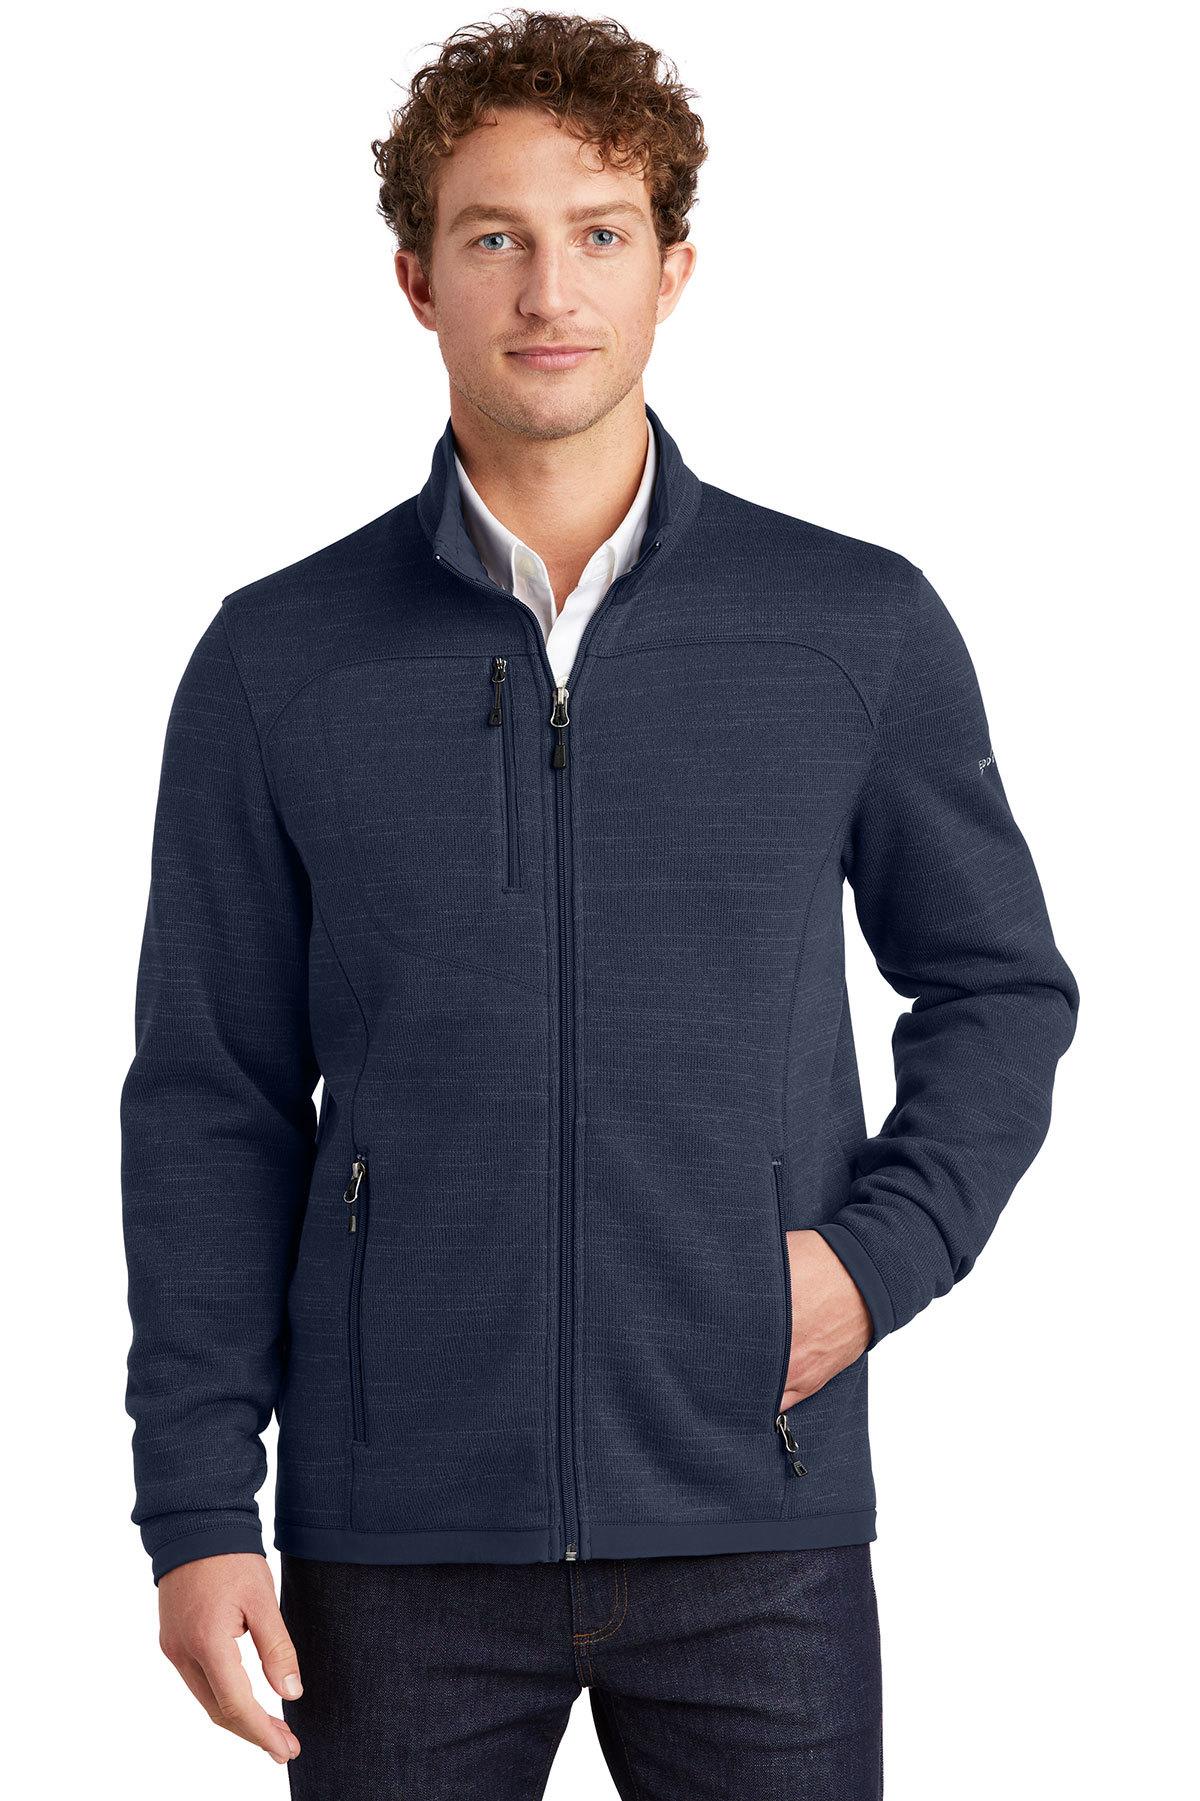 Eddie Bauer EB250 - Men's Sweater Fleece Full-Zip